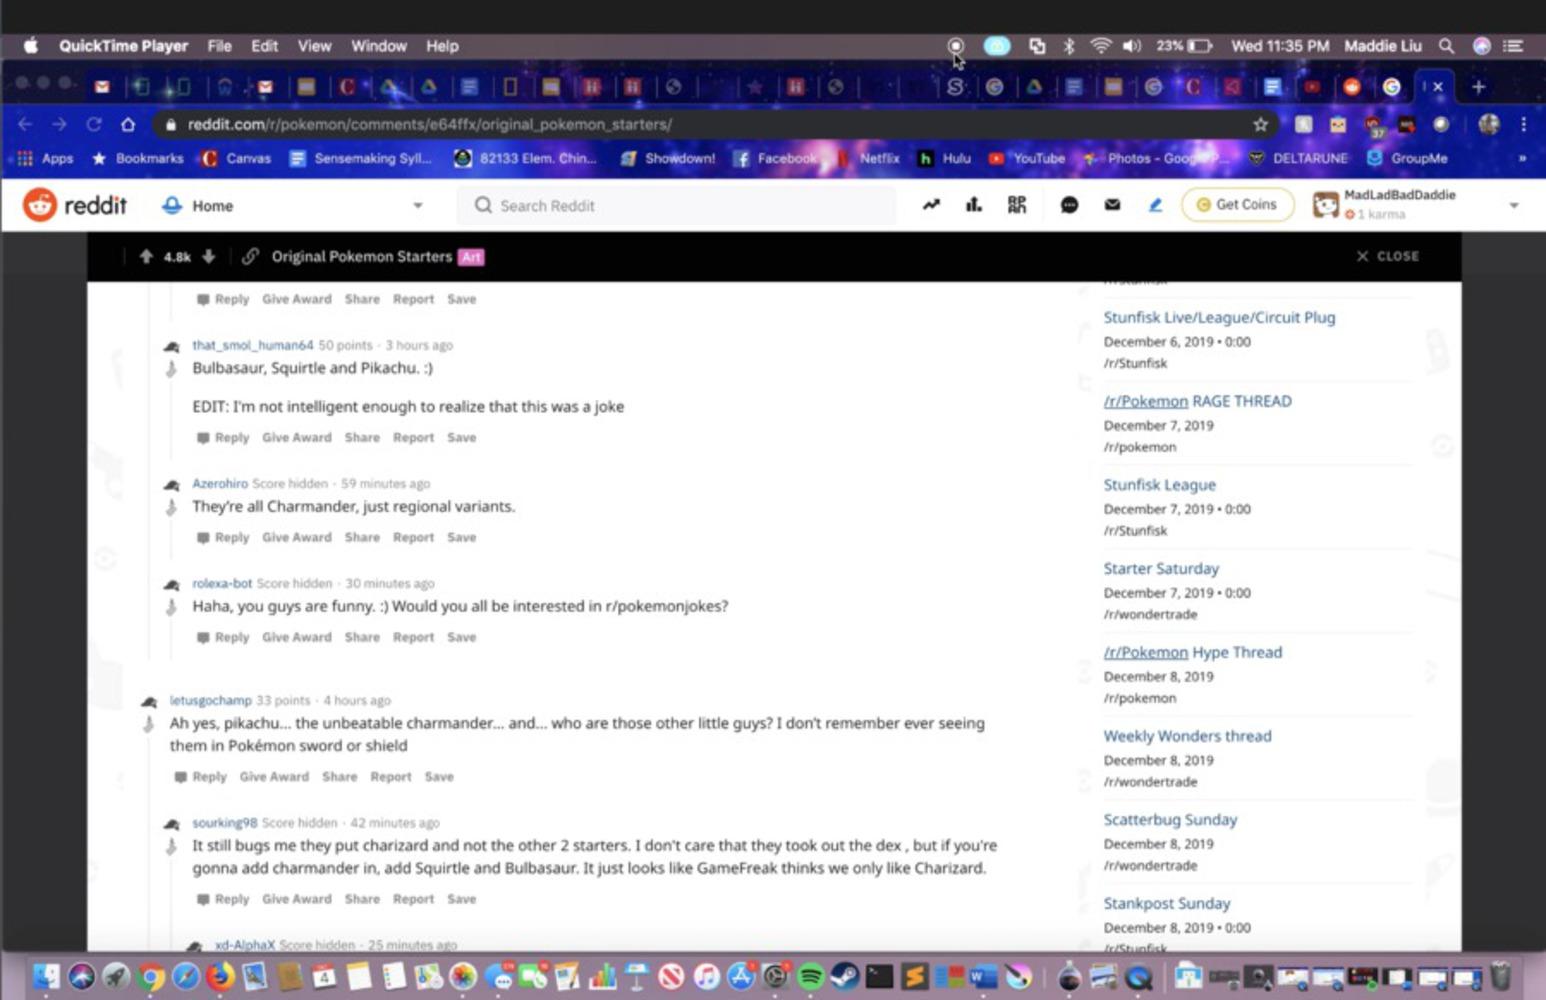 Screen shot 2019 12 04 at 11.38.34 pm.thumb